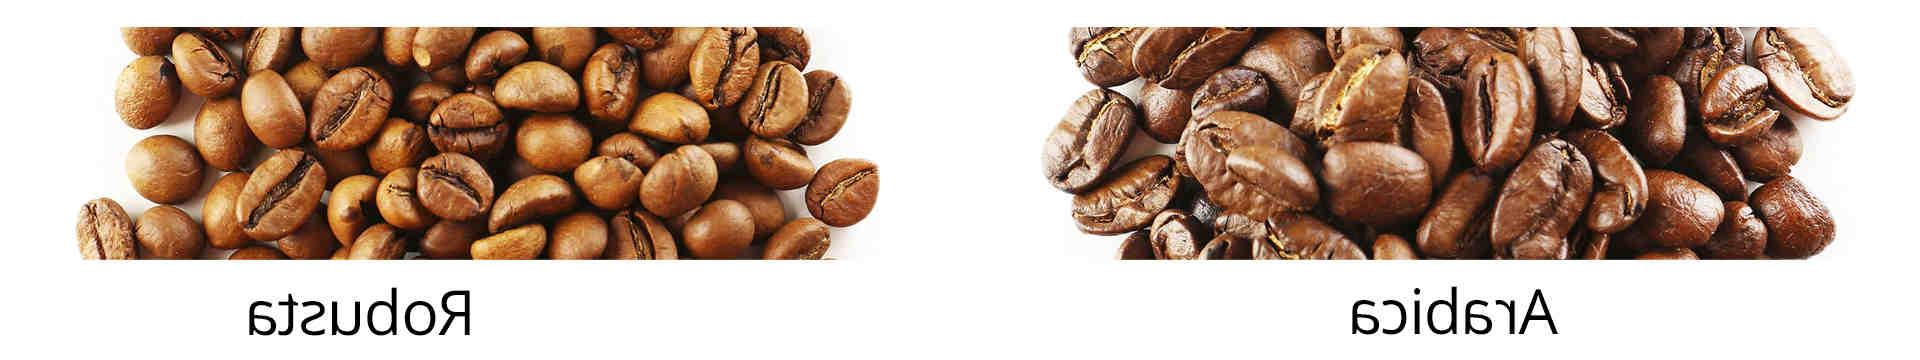 Comment faire un grain de cafe torrefacteur ?